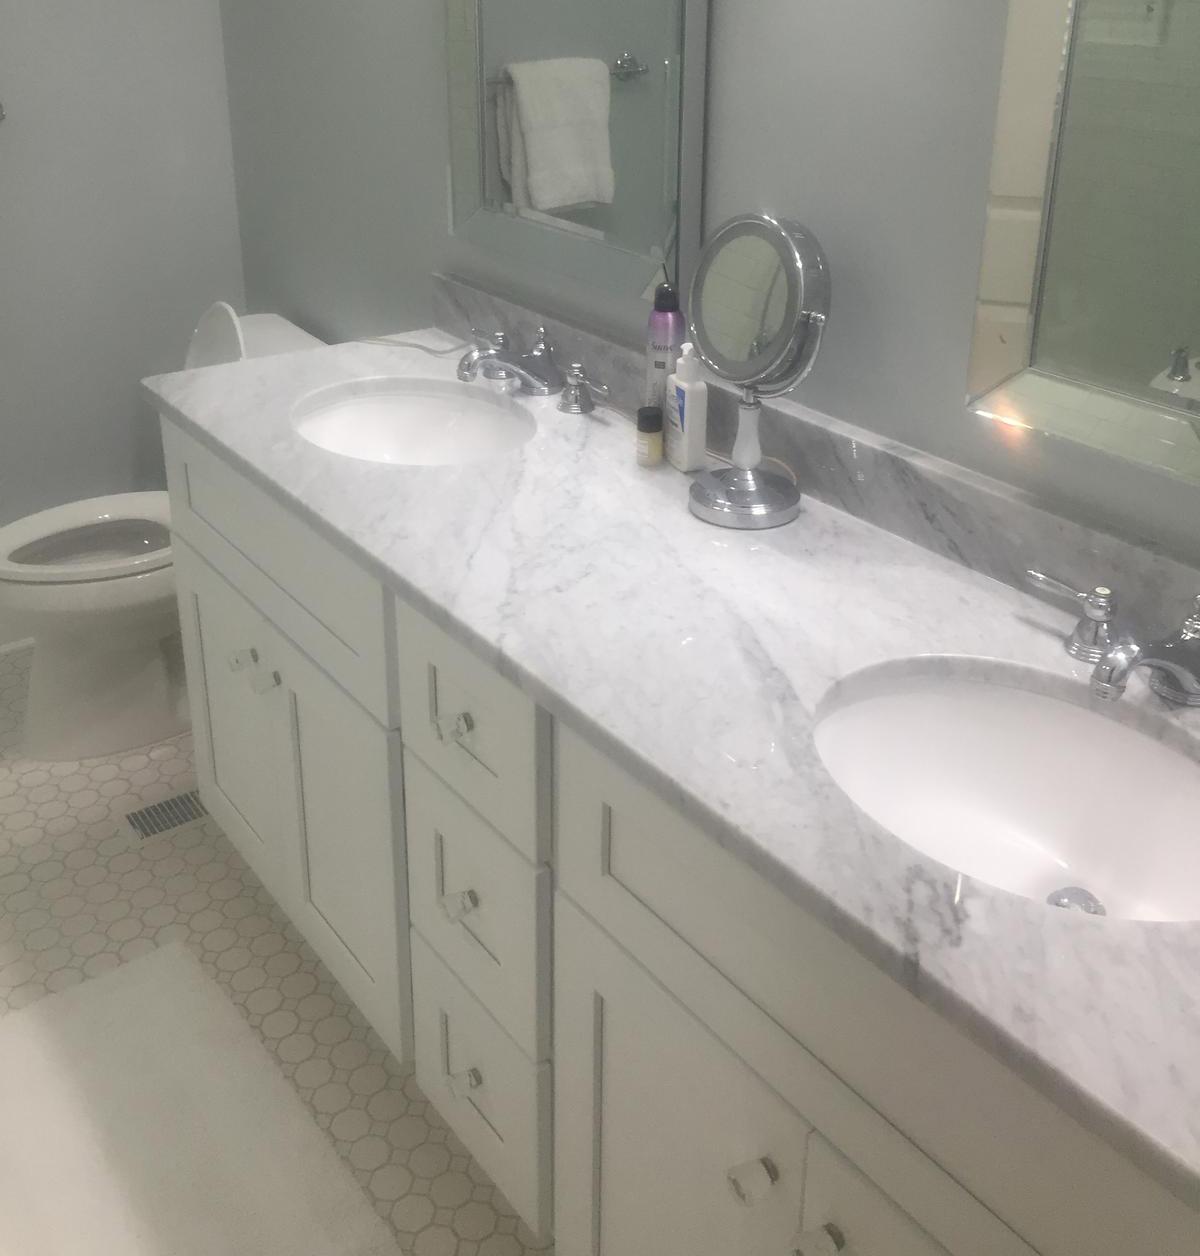 Lennox Shaker White bathroom in Charlotte, NC.